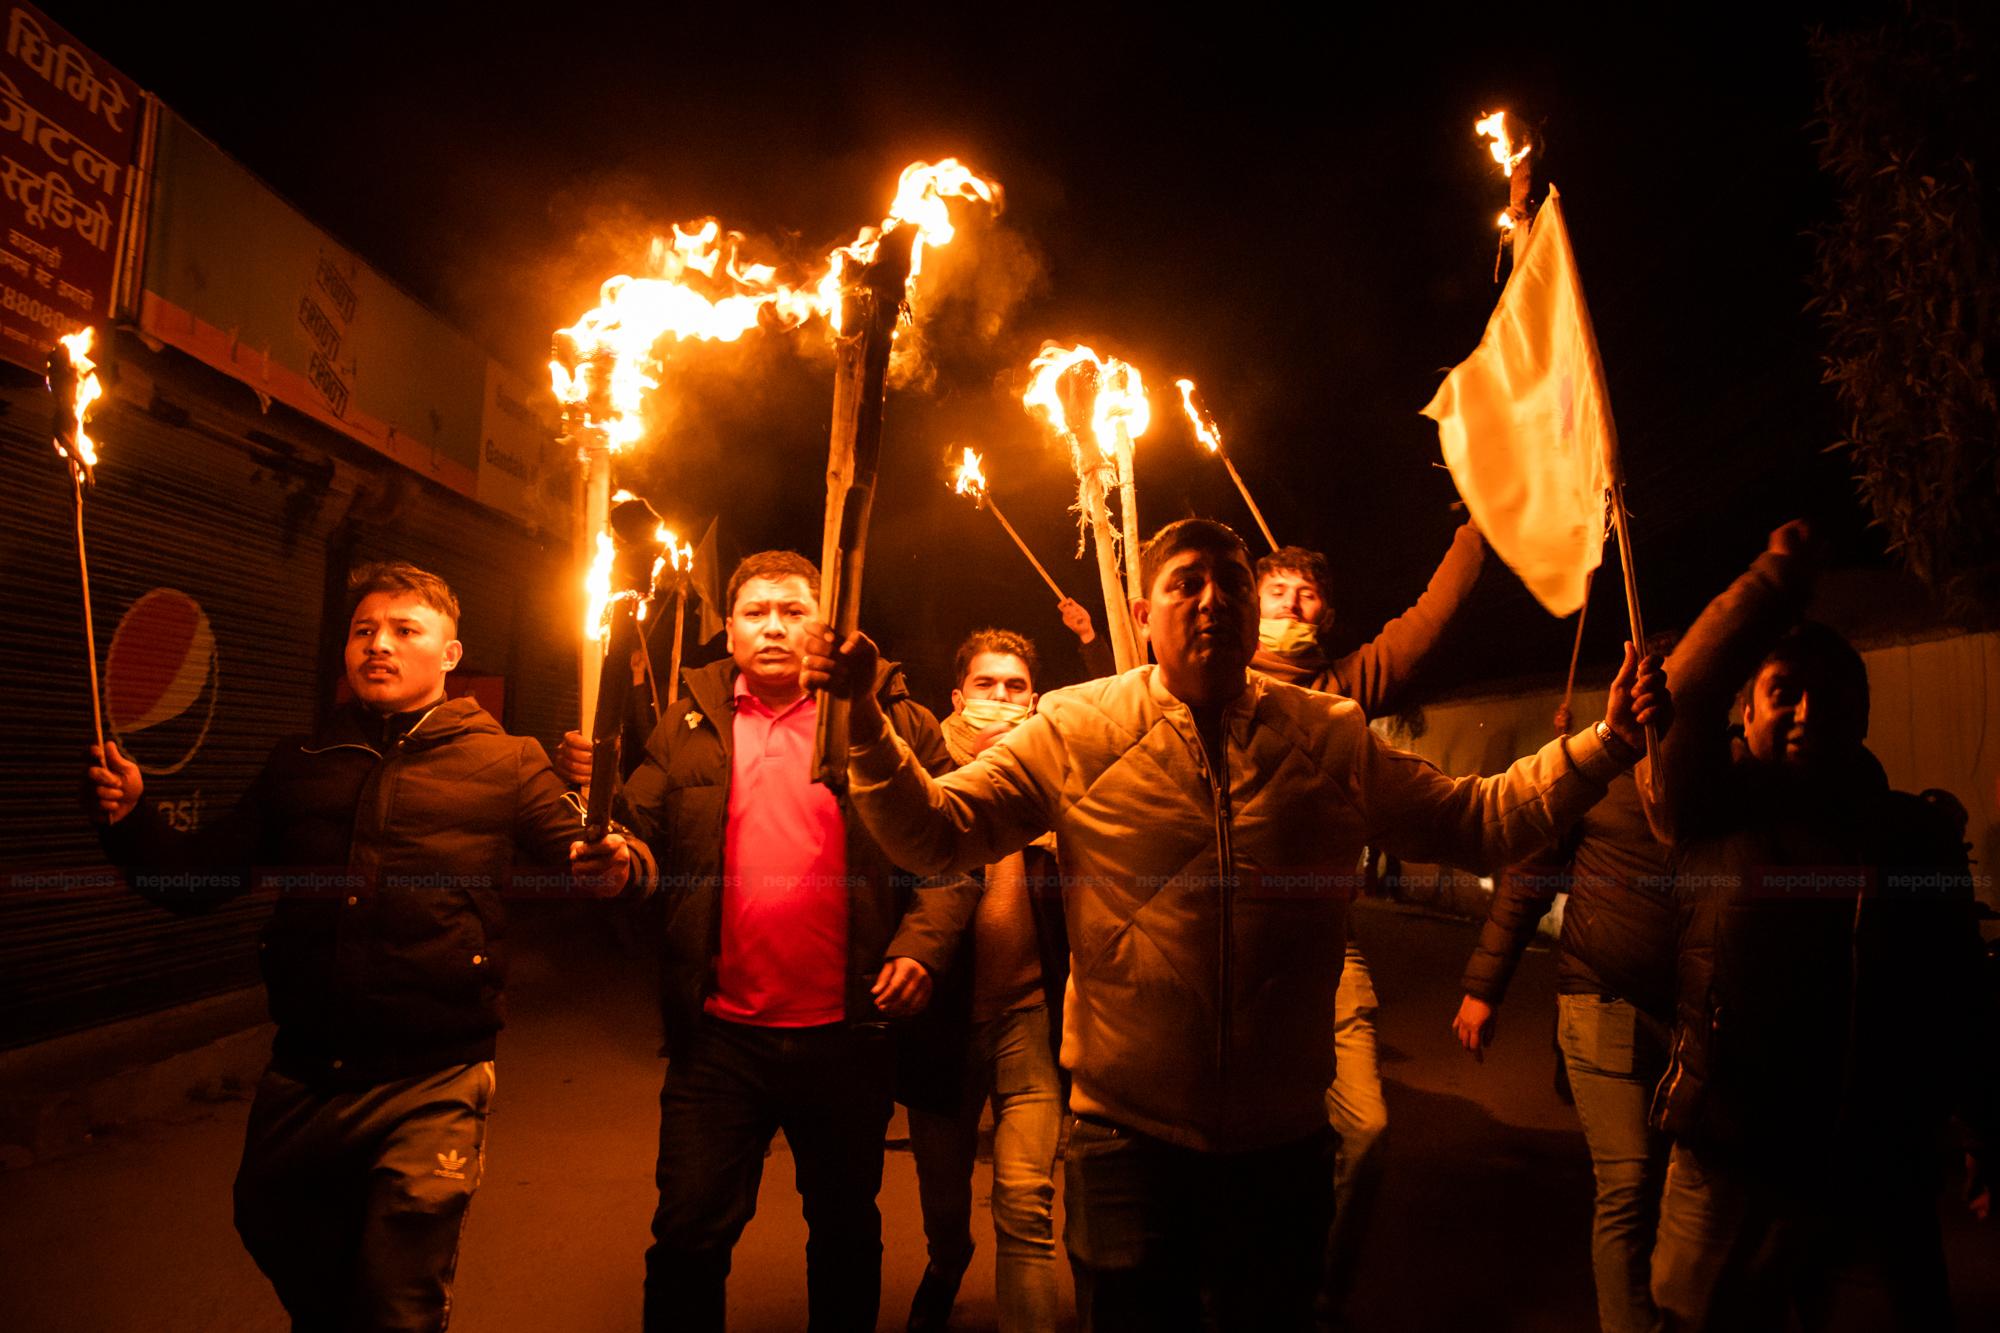 काठमाडौंमा प्रचण्ड–माधव पक्षधर विद्यार्थीको मसाल जुलुस (फोटो फिचर)